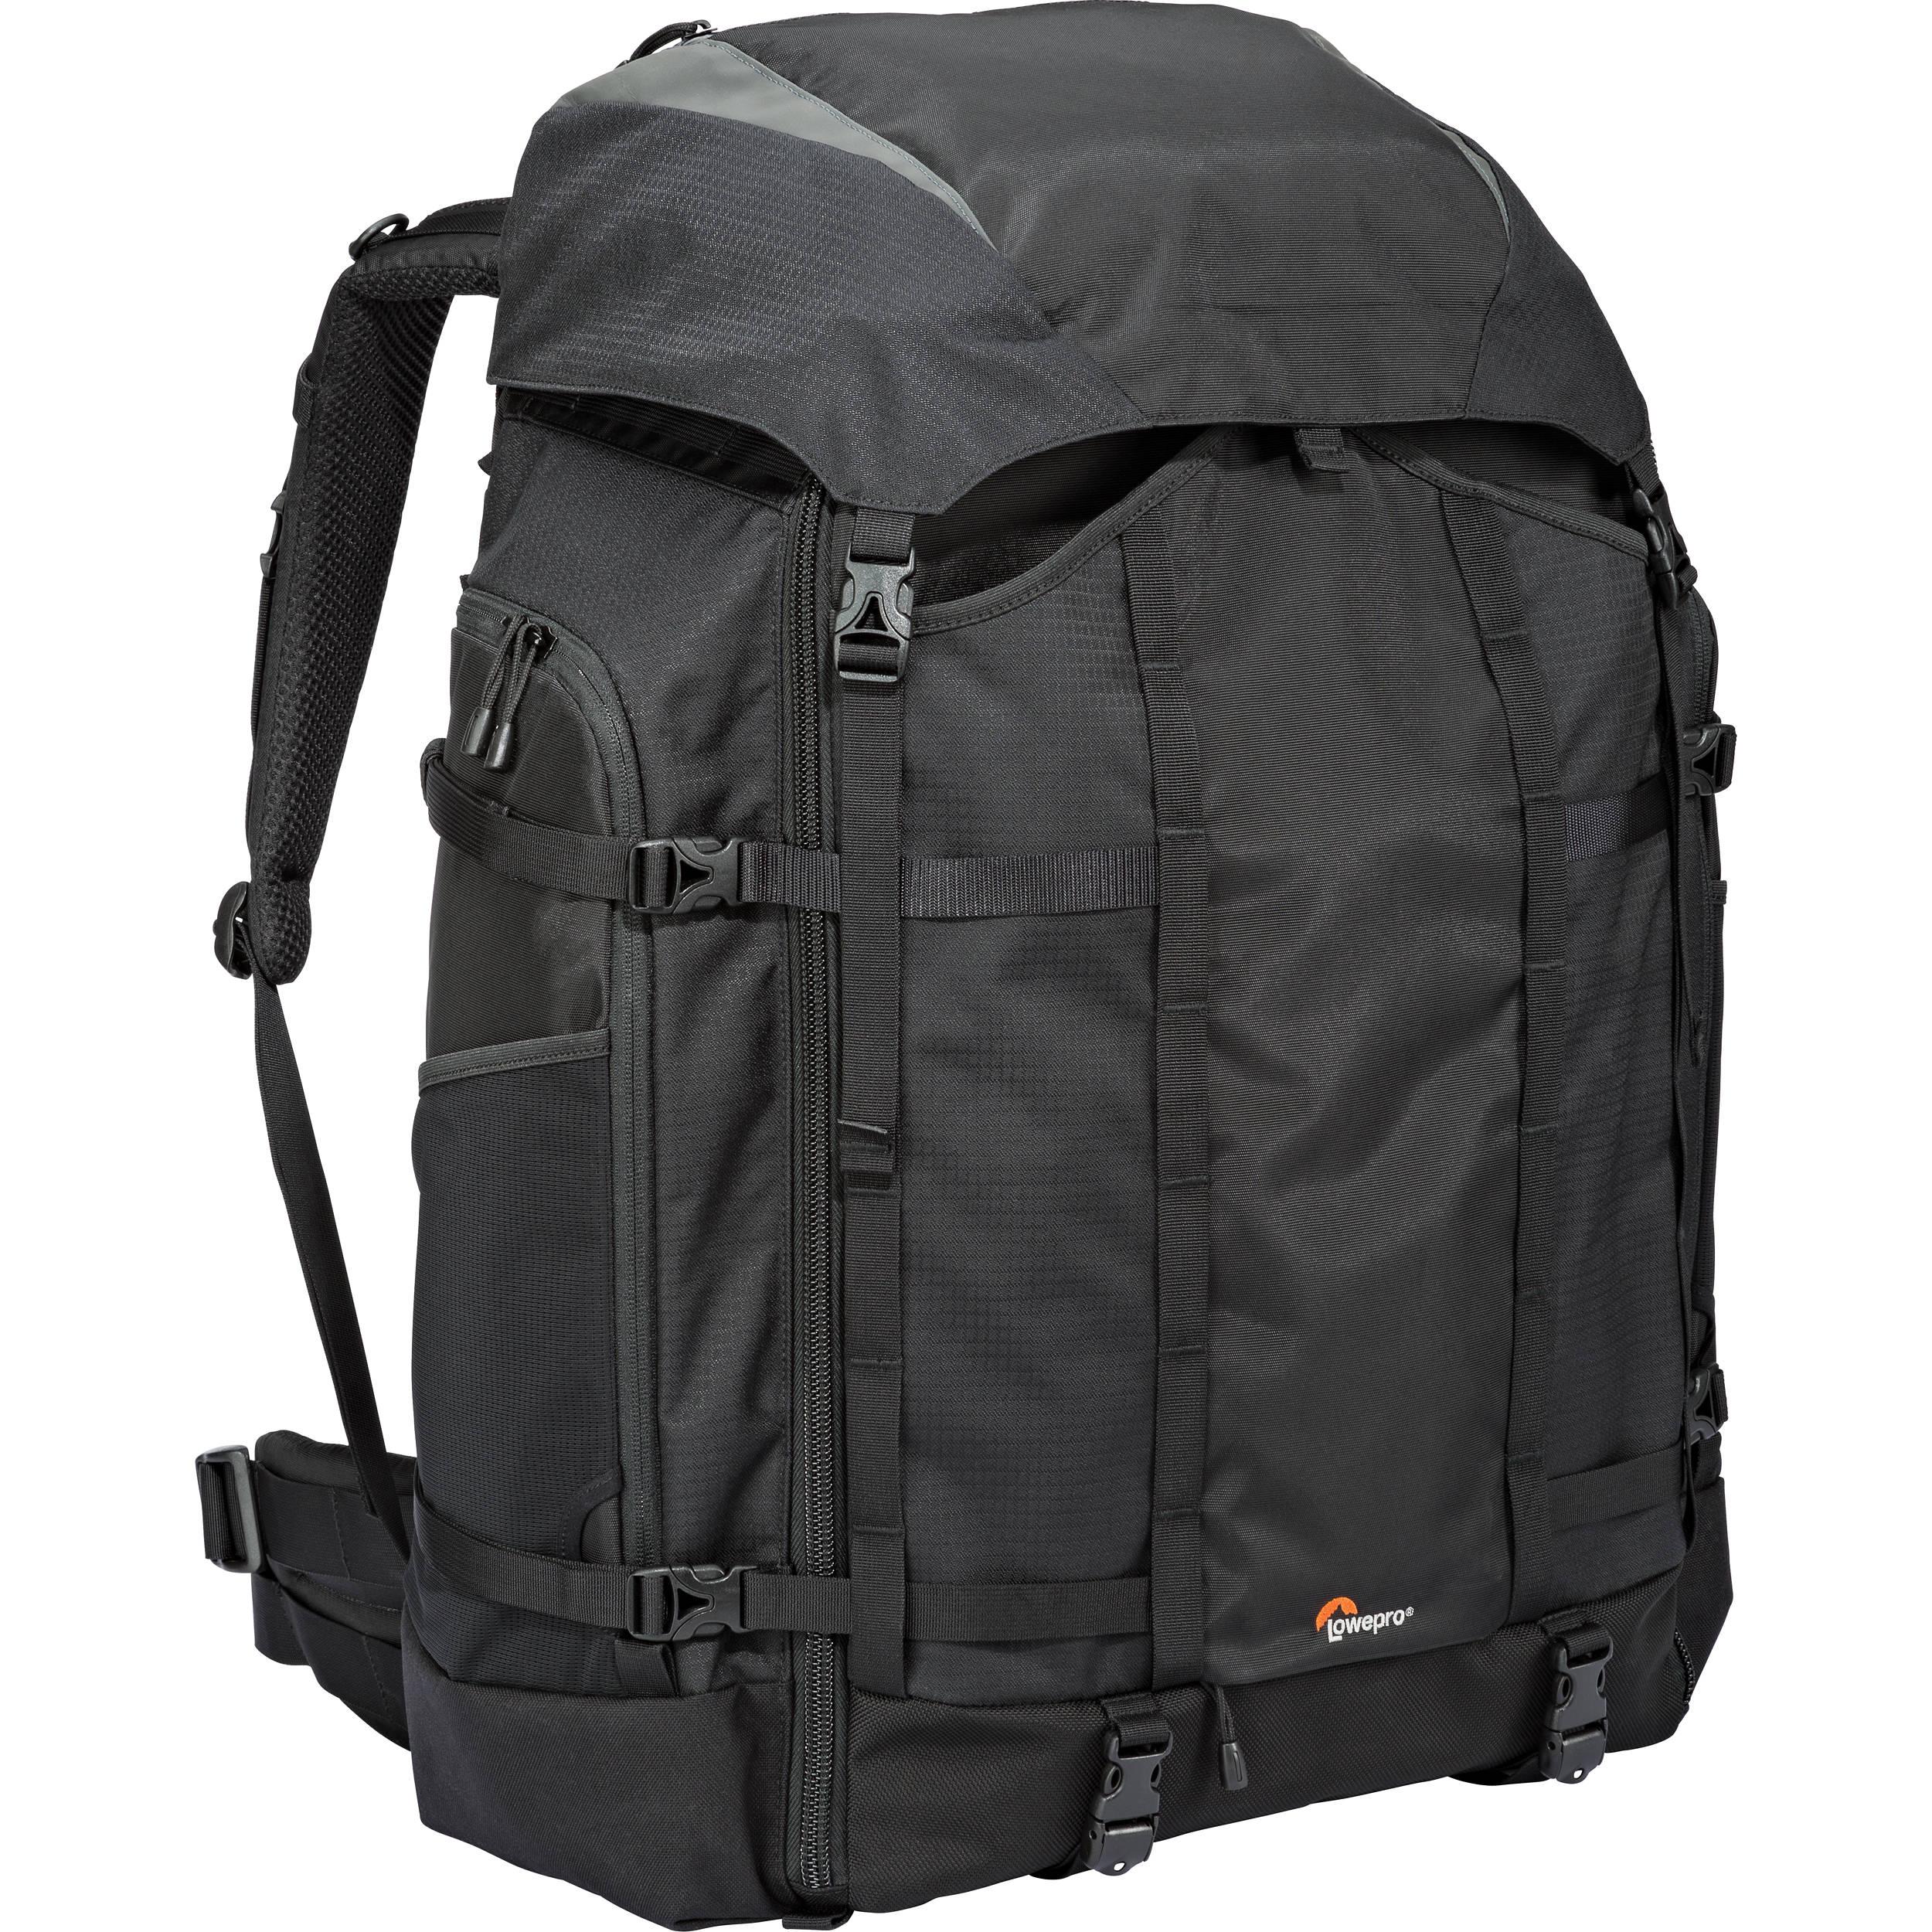 340336de9aae Lowepro Pro Trekker 650 AW Camera and Laptop Backpack LP36777